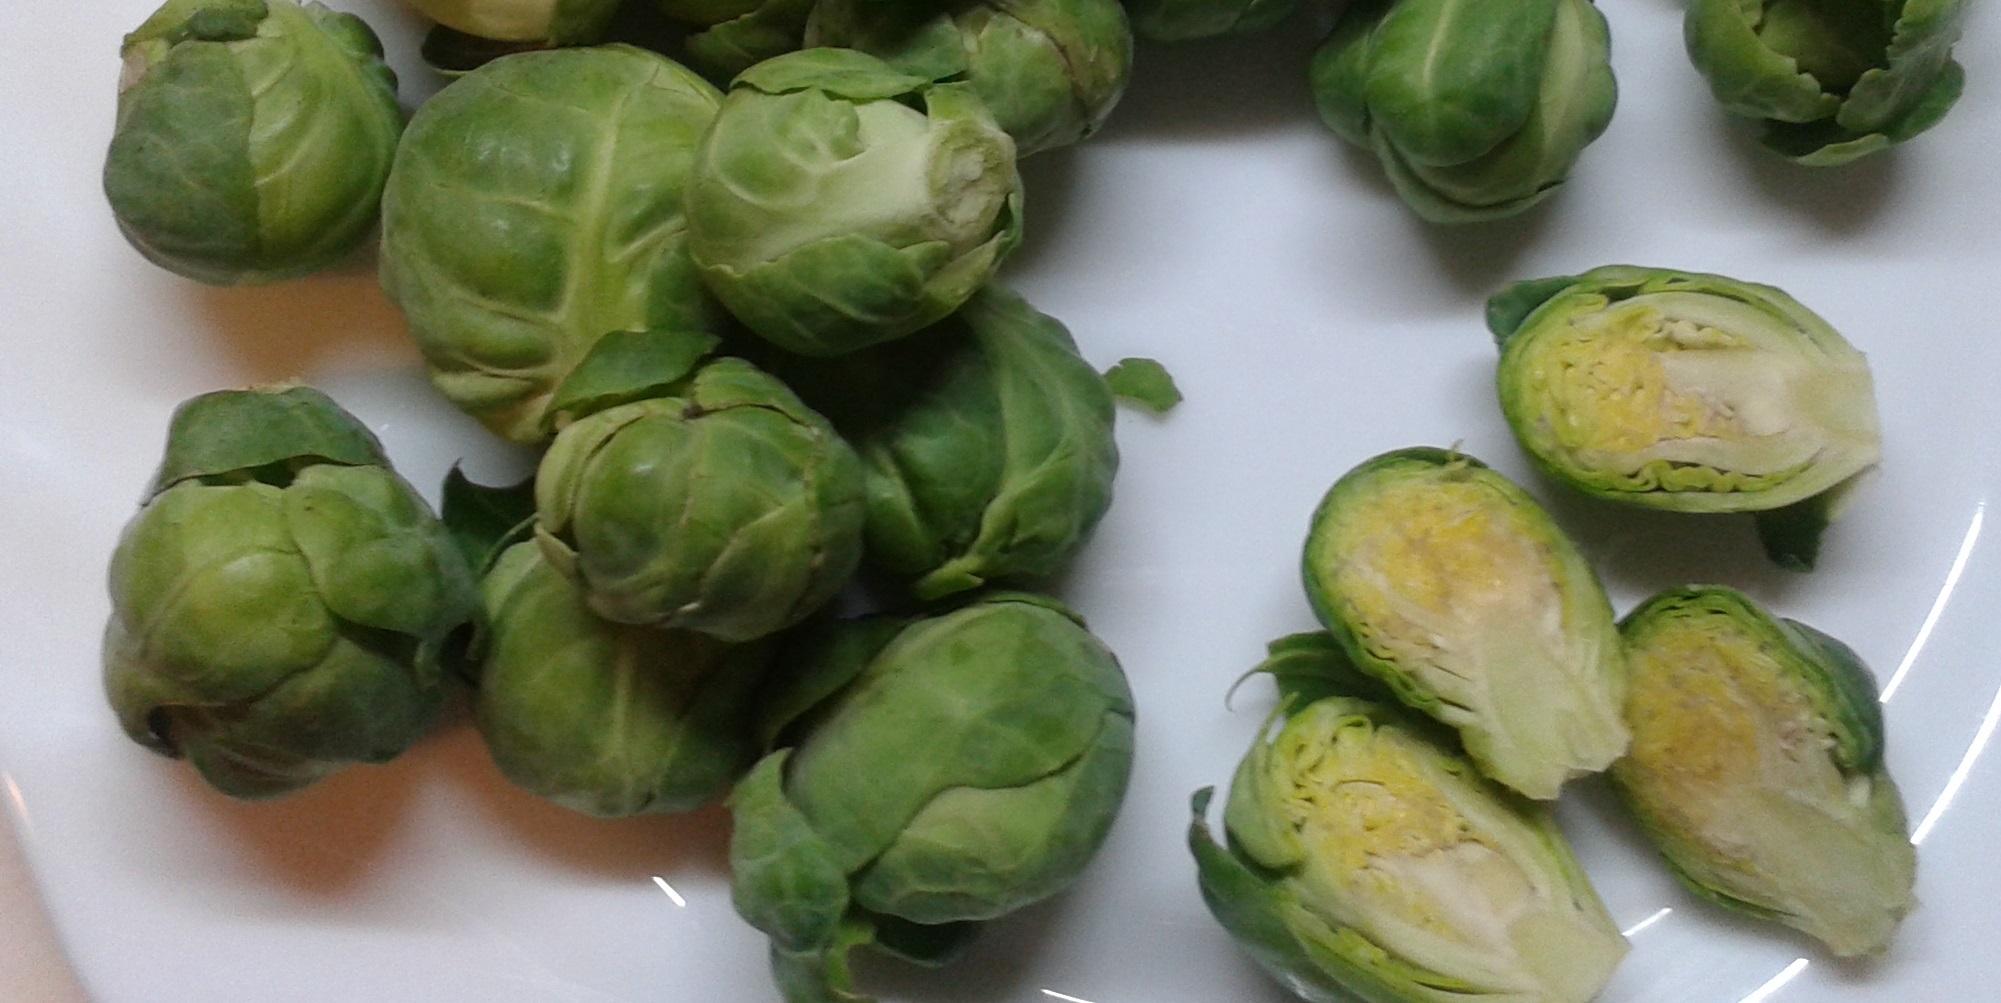 vastagbél méregtelenítő zöldségek